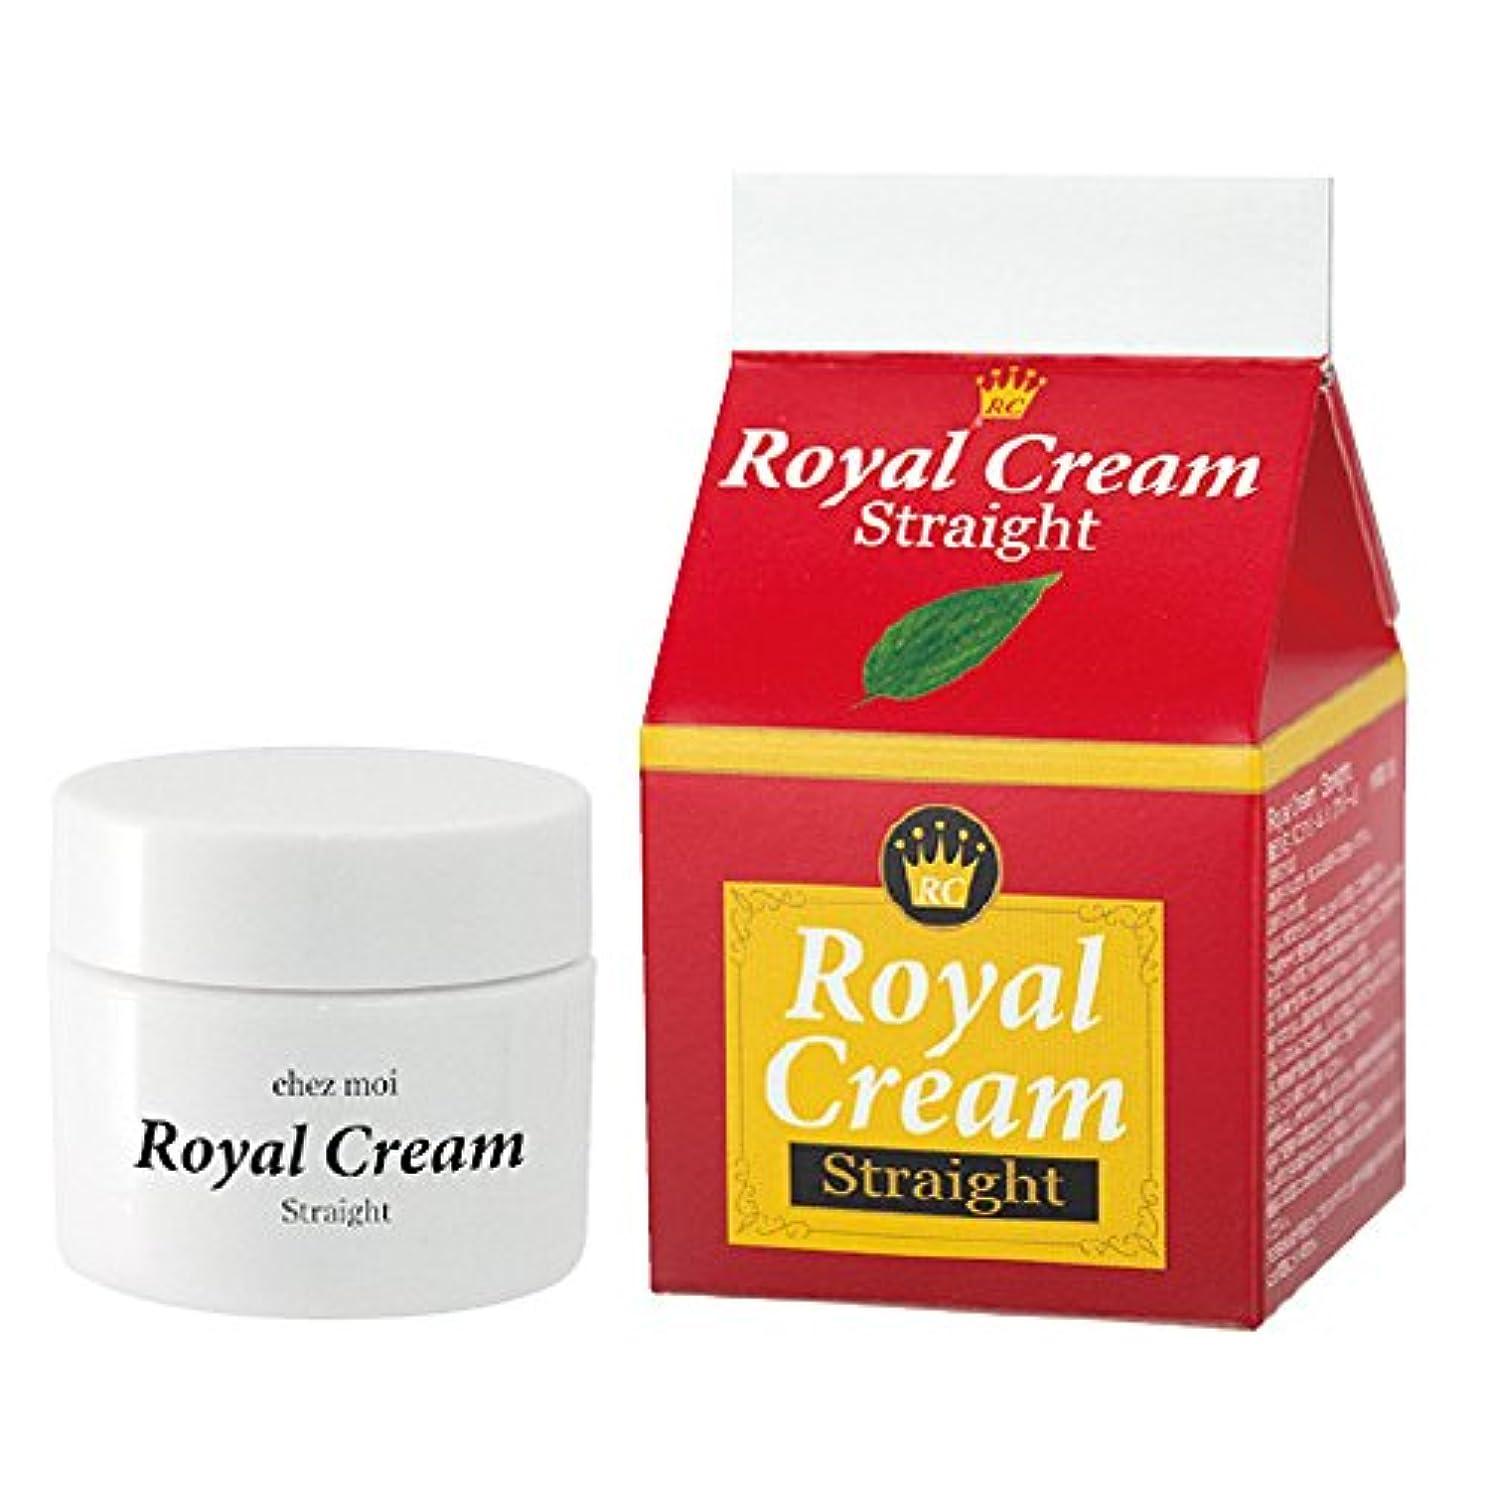 祭司演劇不完全シェモア Royal Cream Straight(ロイヤルクリームストレート) 30g